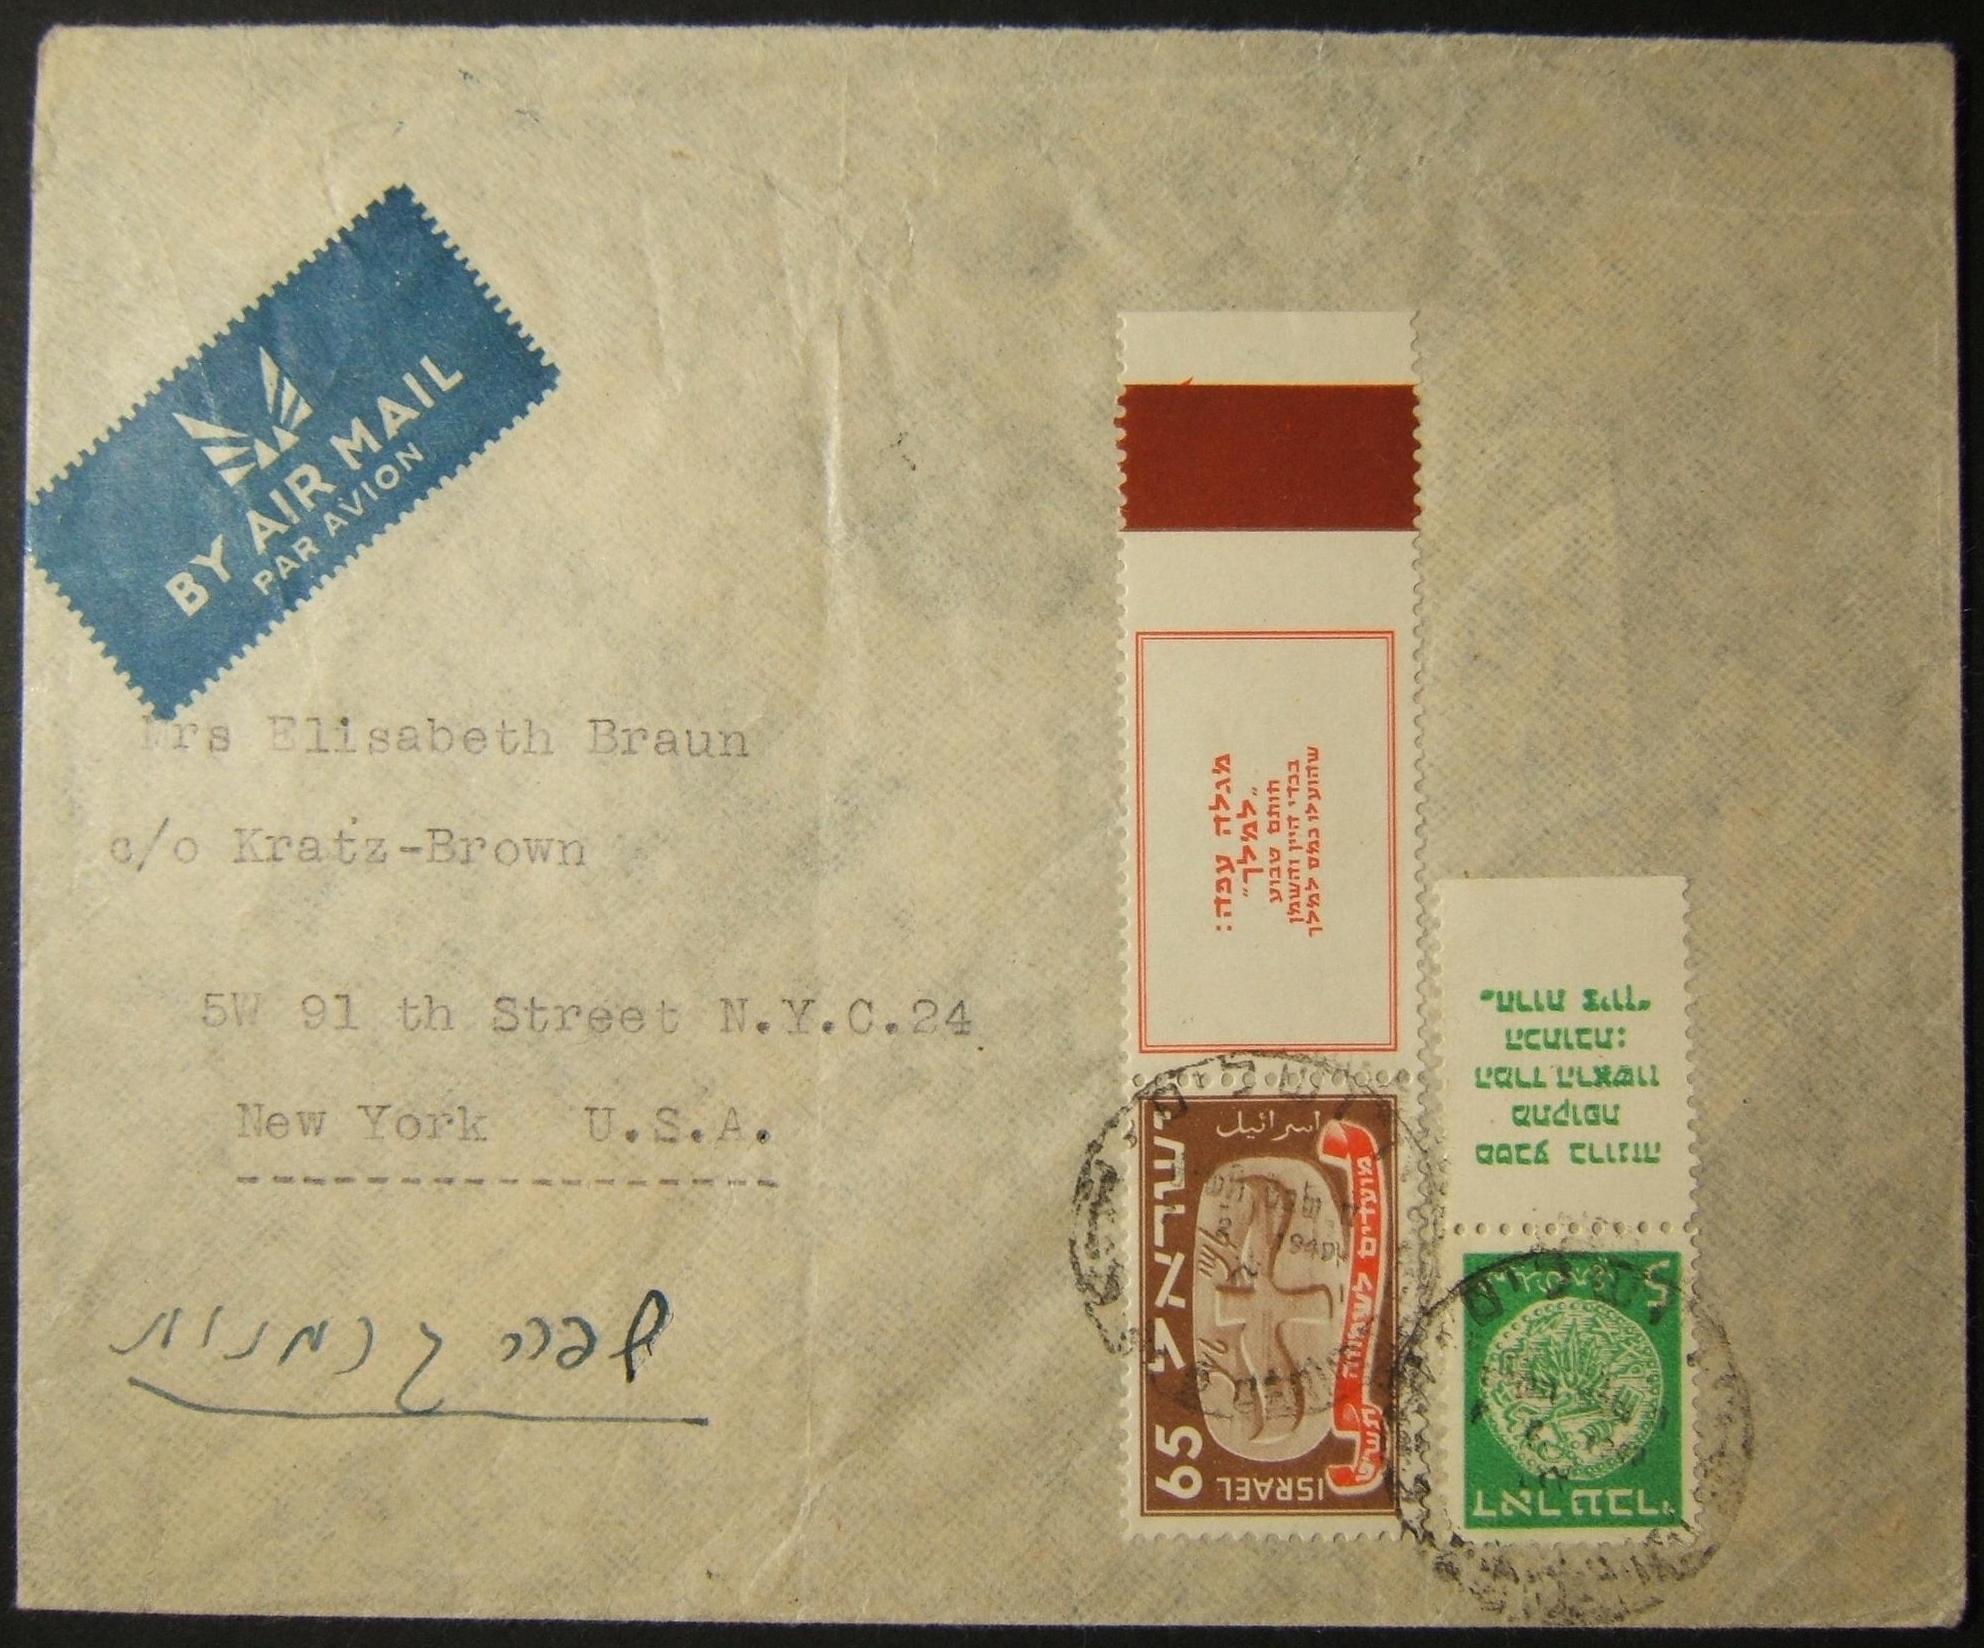 2/1949 البريد الجوي للولايات المتحدة مع الطائر الطائر 65 م طاب وطارد الطوابع دوار Ivri